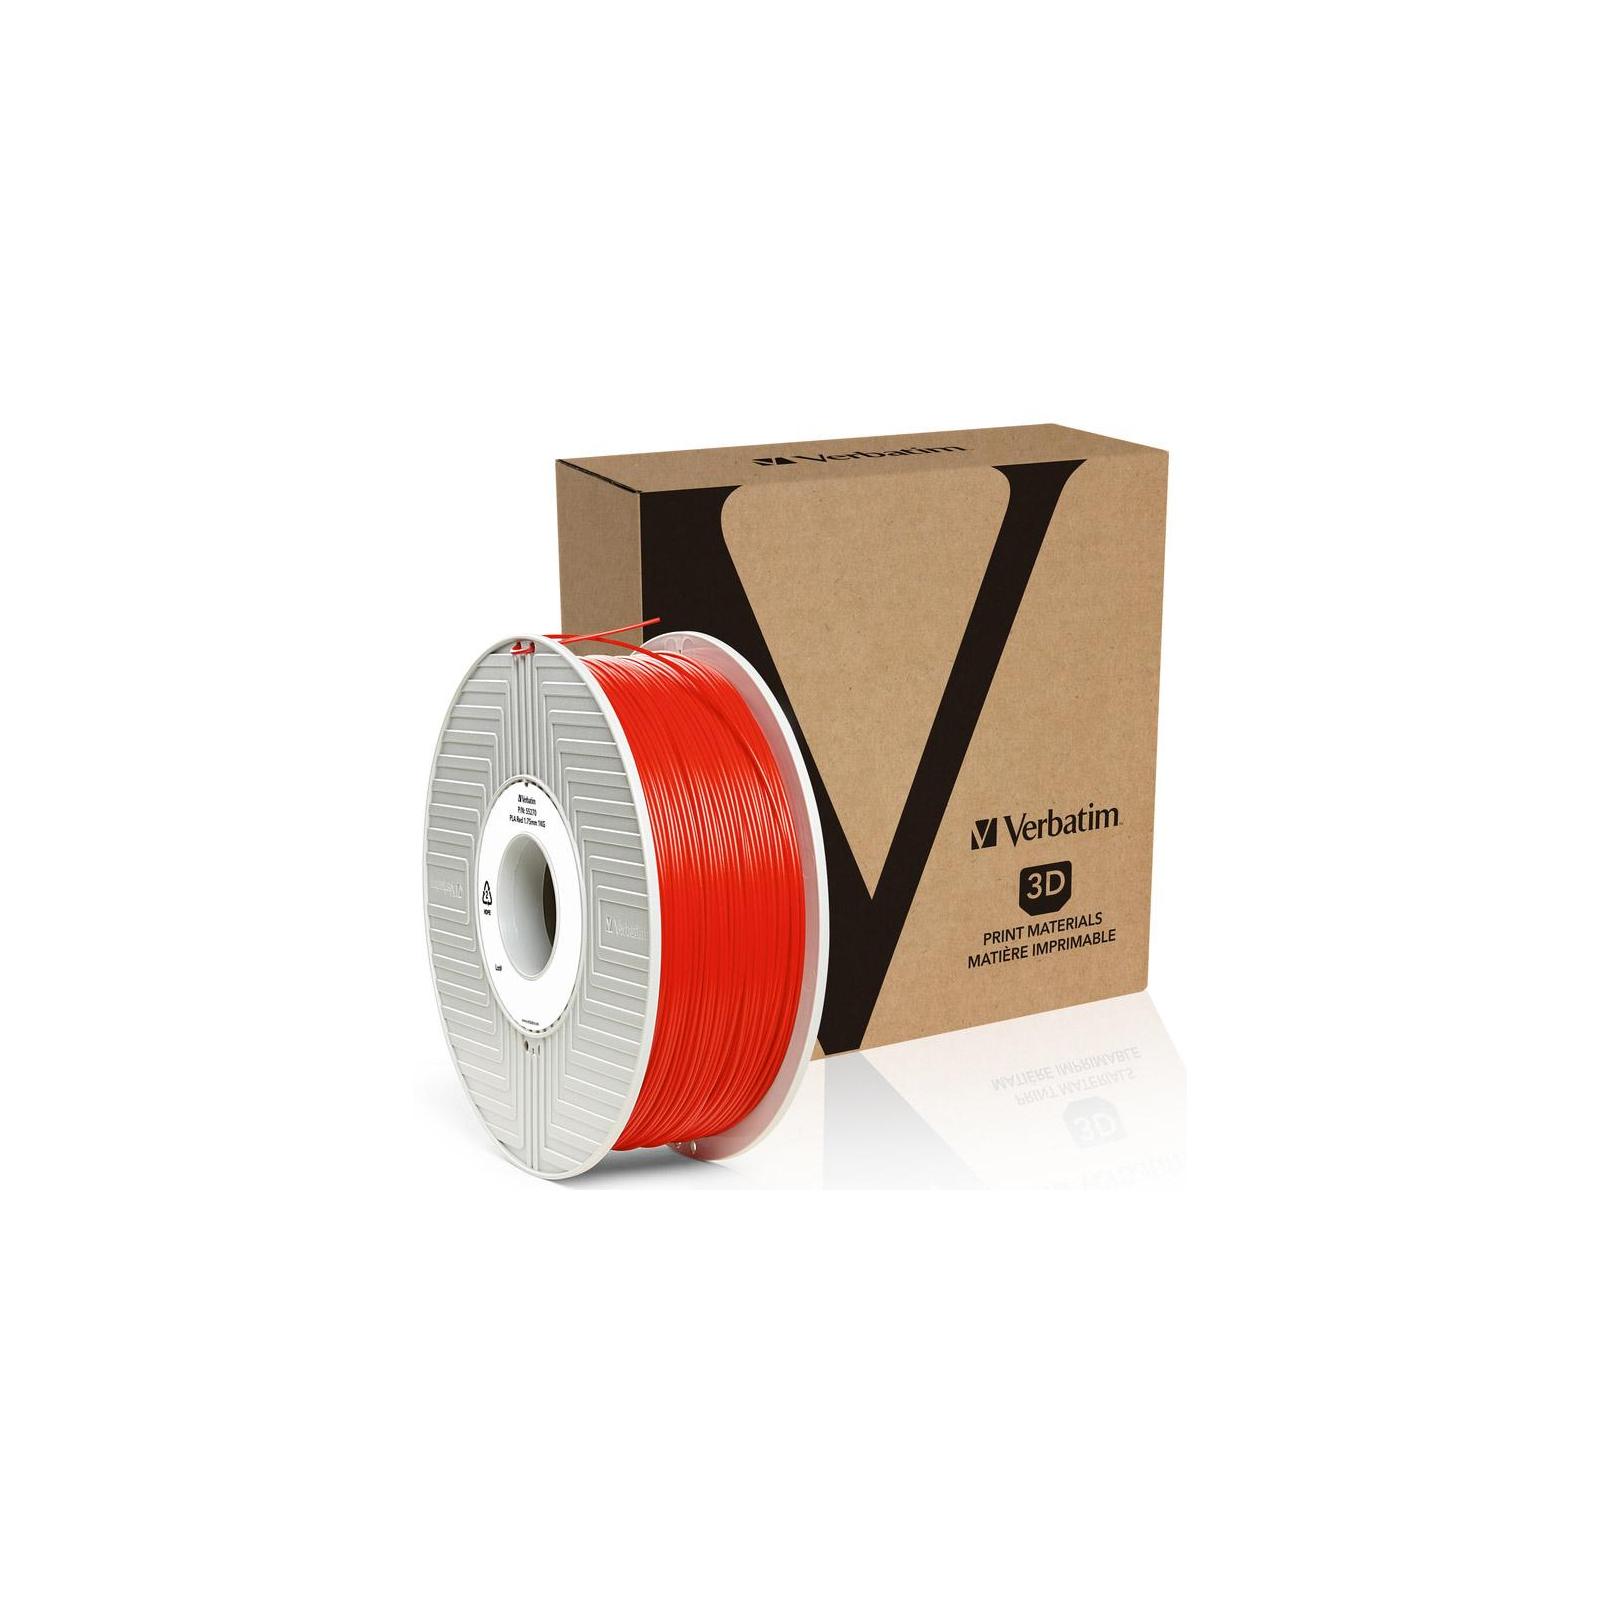 Пластик для 3D-принтера Verbatim PLA 1.75 mm RED 1kg (55270) изображение 3